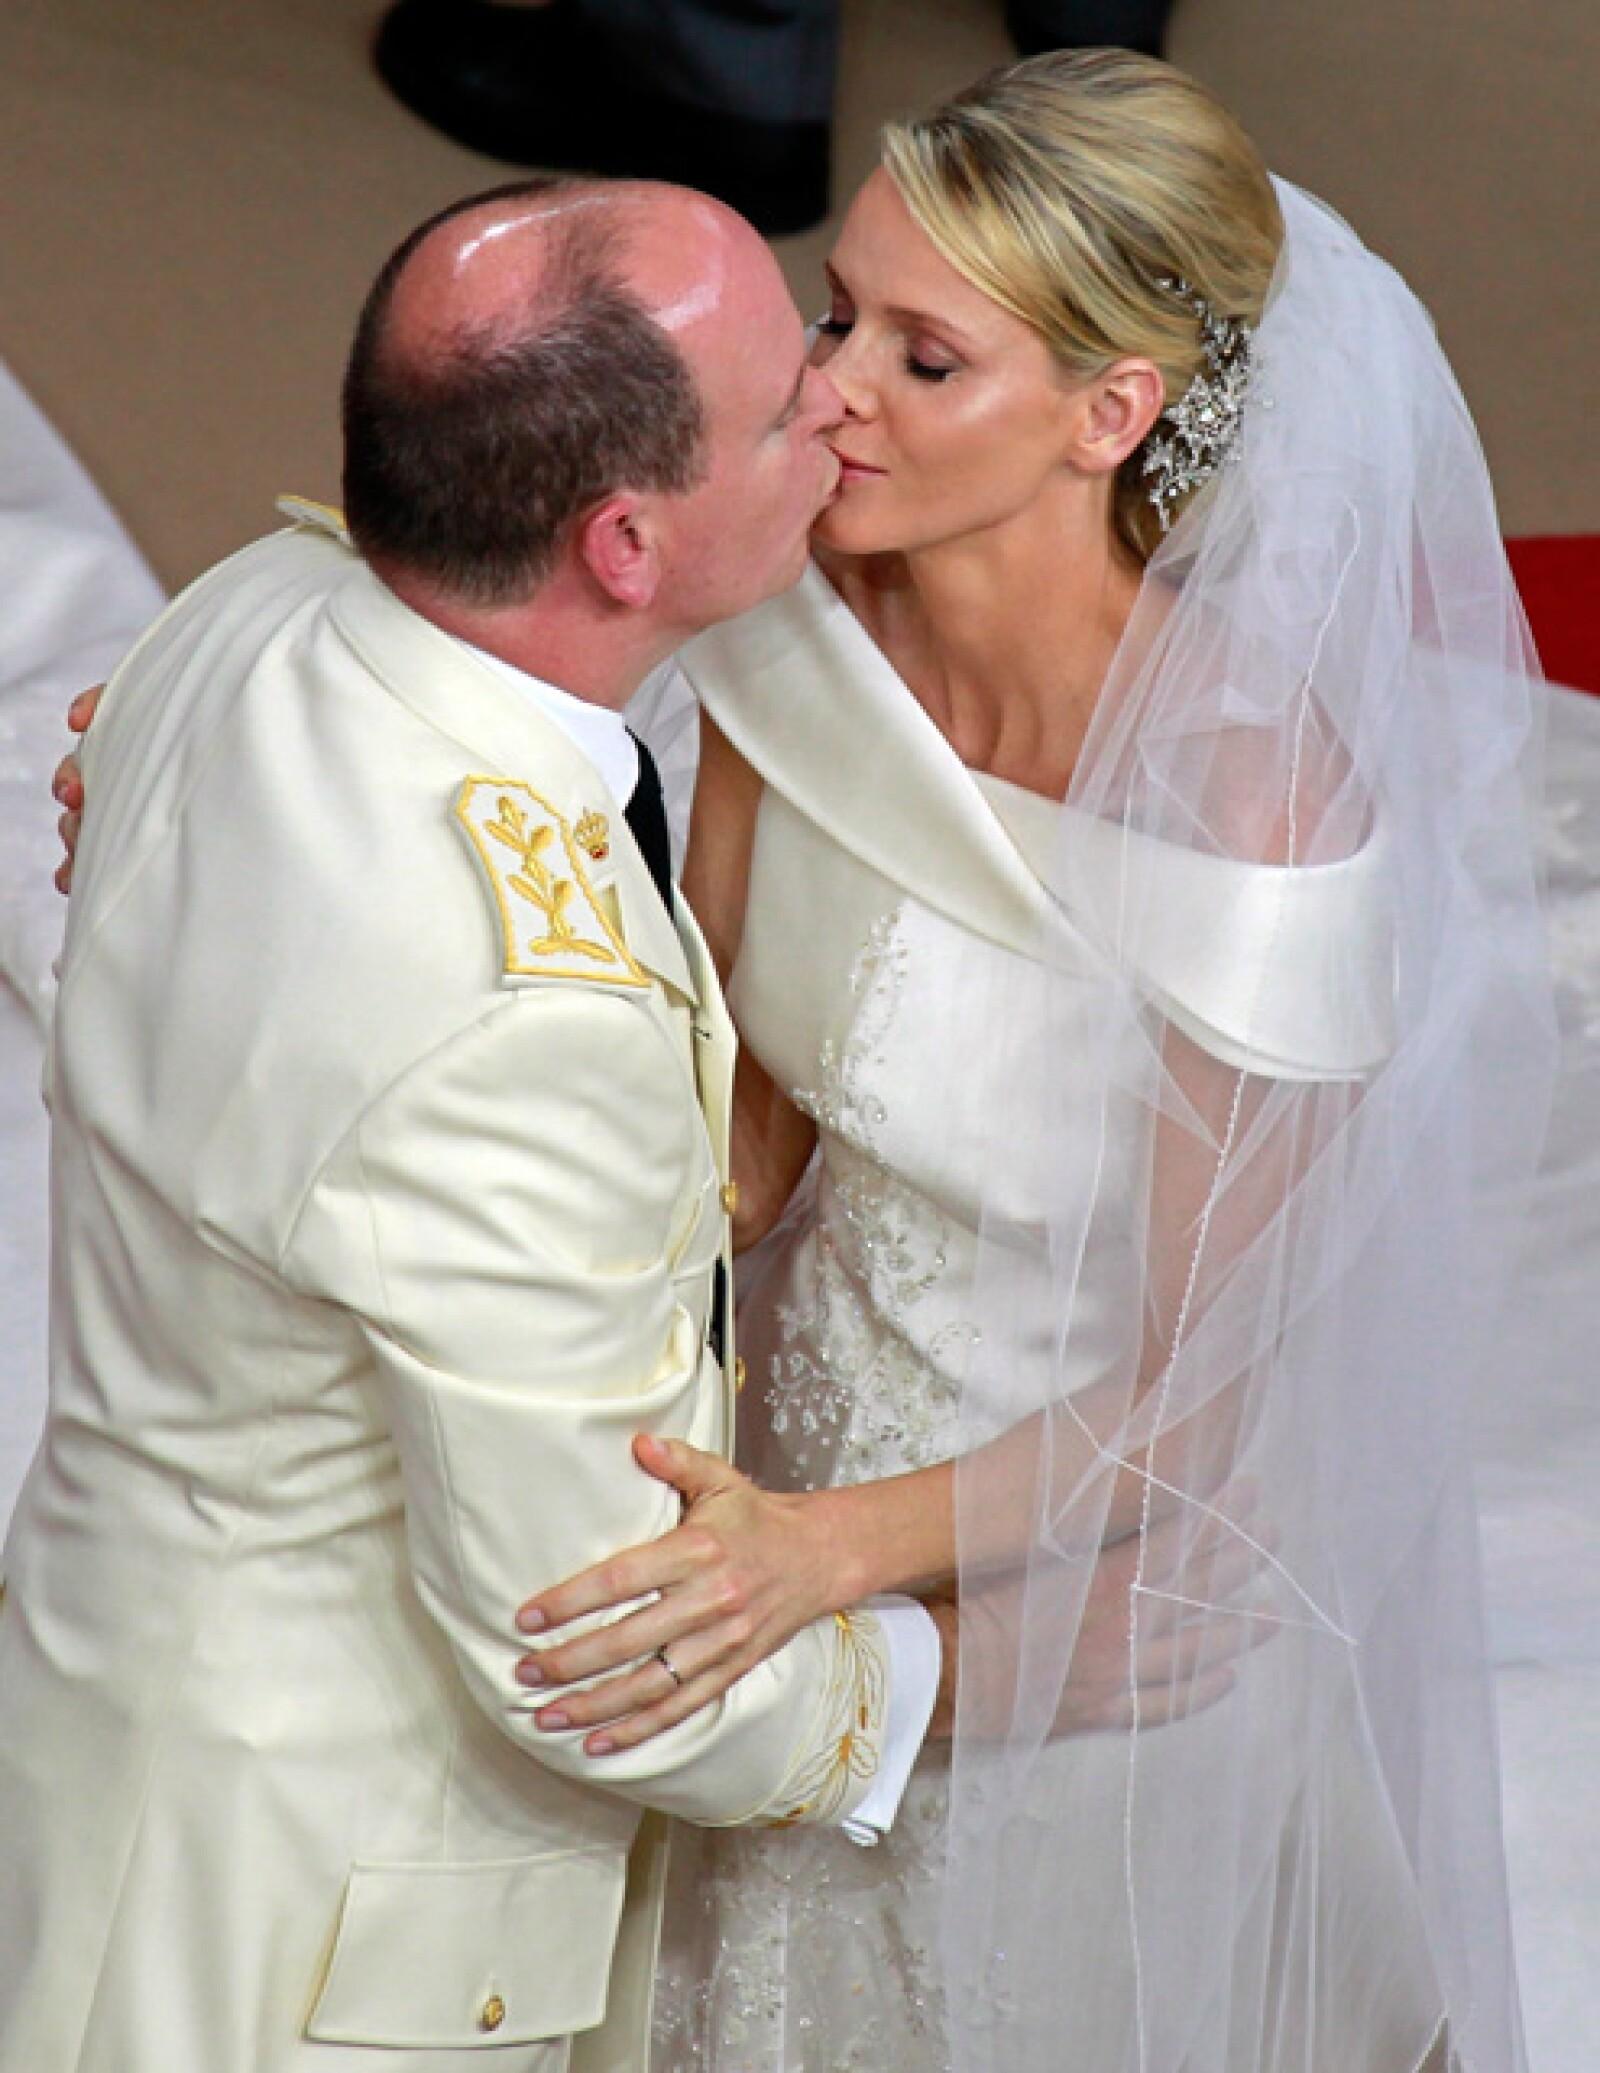 El sello de su matrimonio, el beso en la capilla.